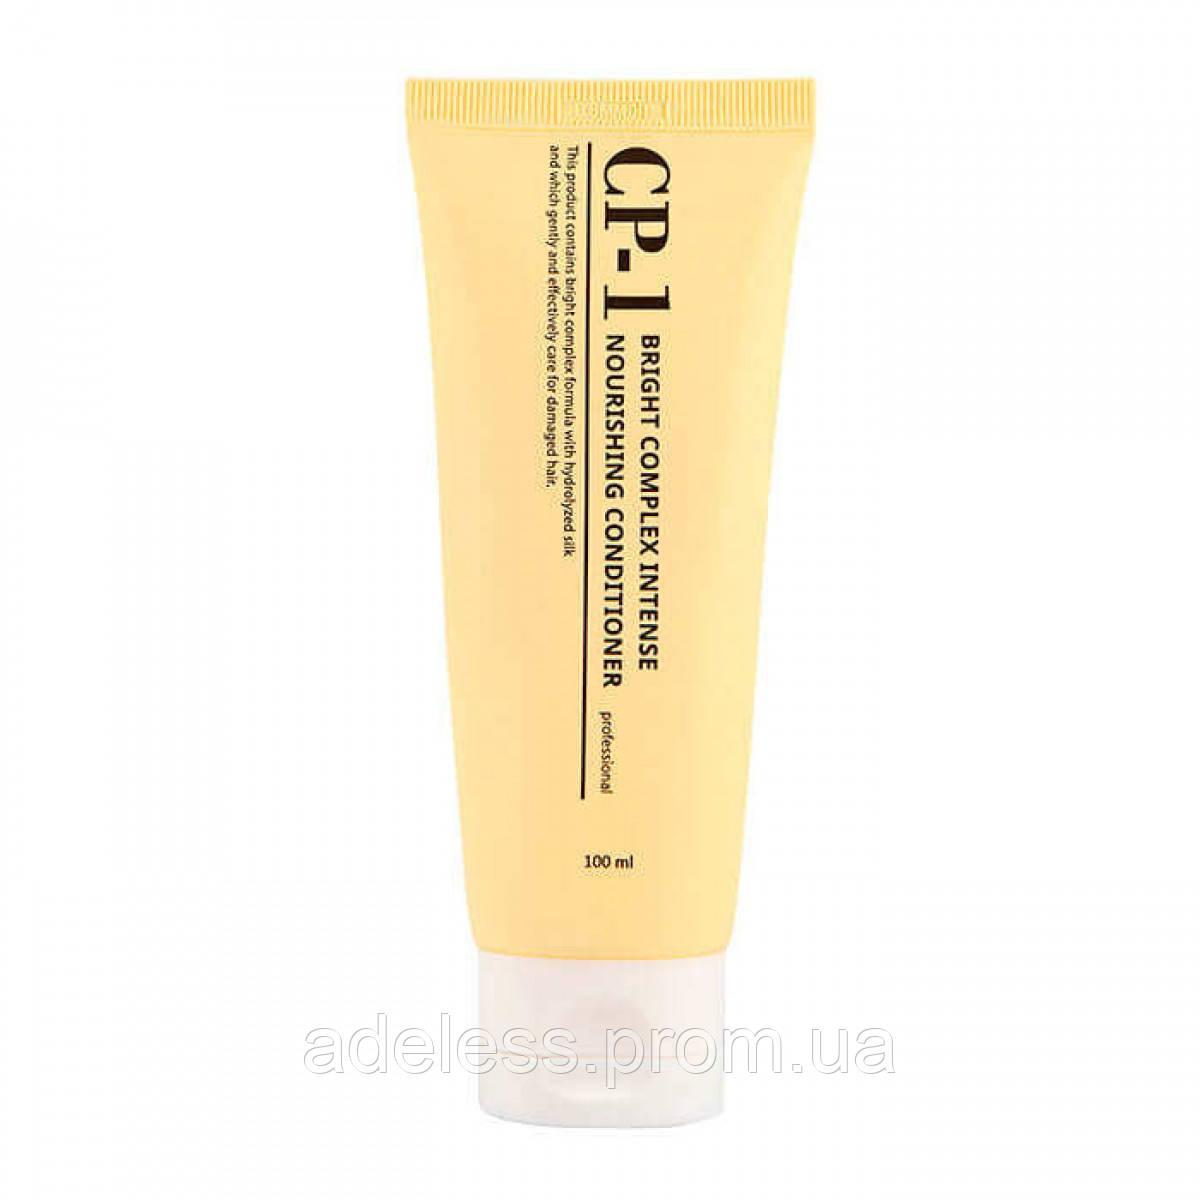 Протеиновый кондиционер для интенсивного питания волос CP-1 Bright Complex Intense Nourishing Conditioner100мл